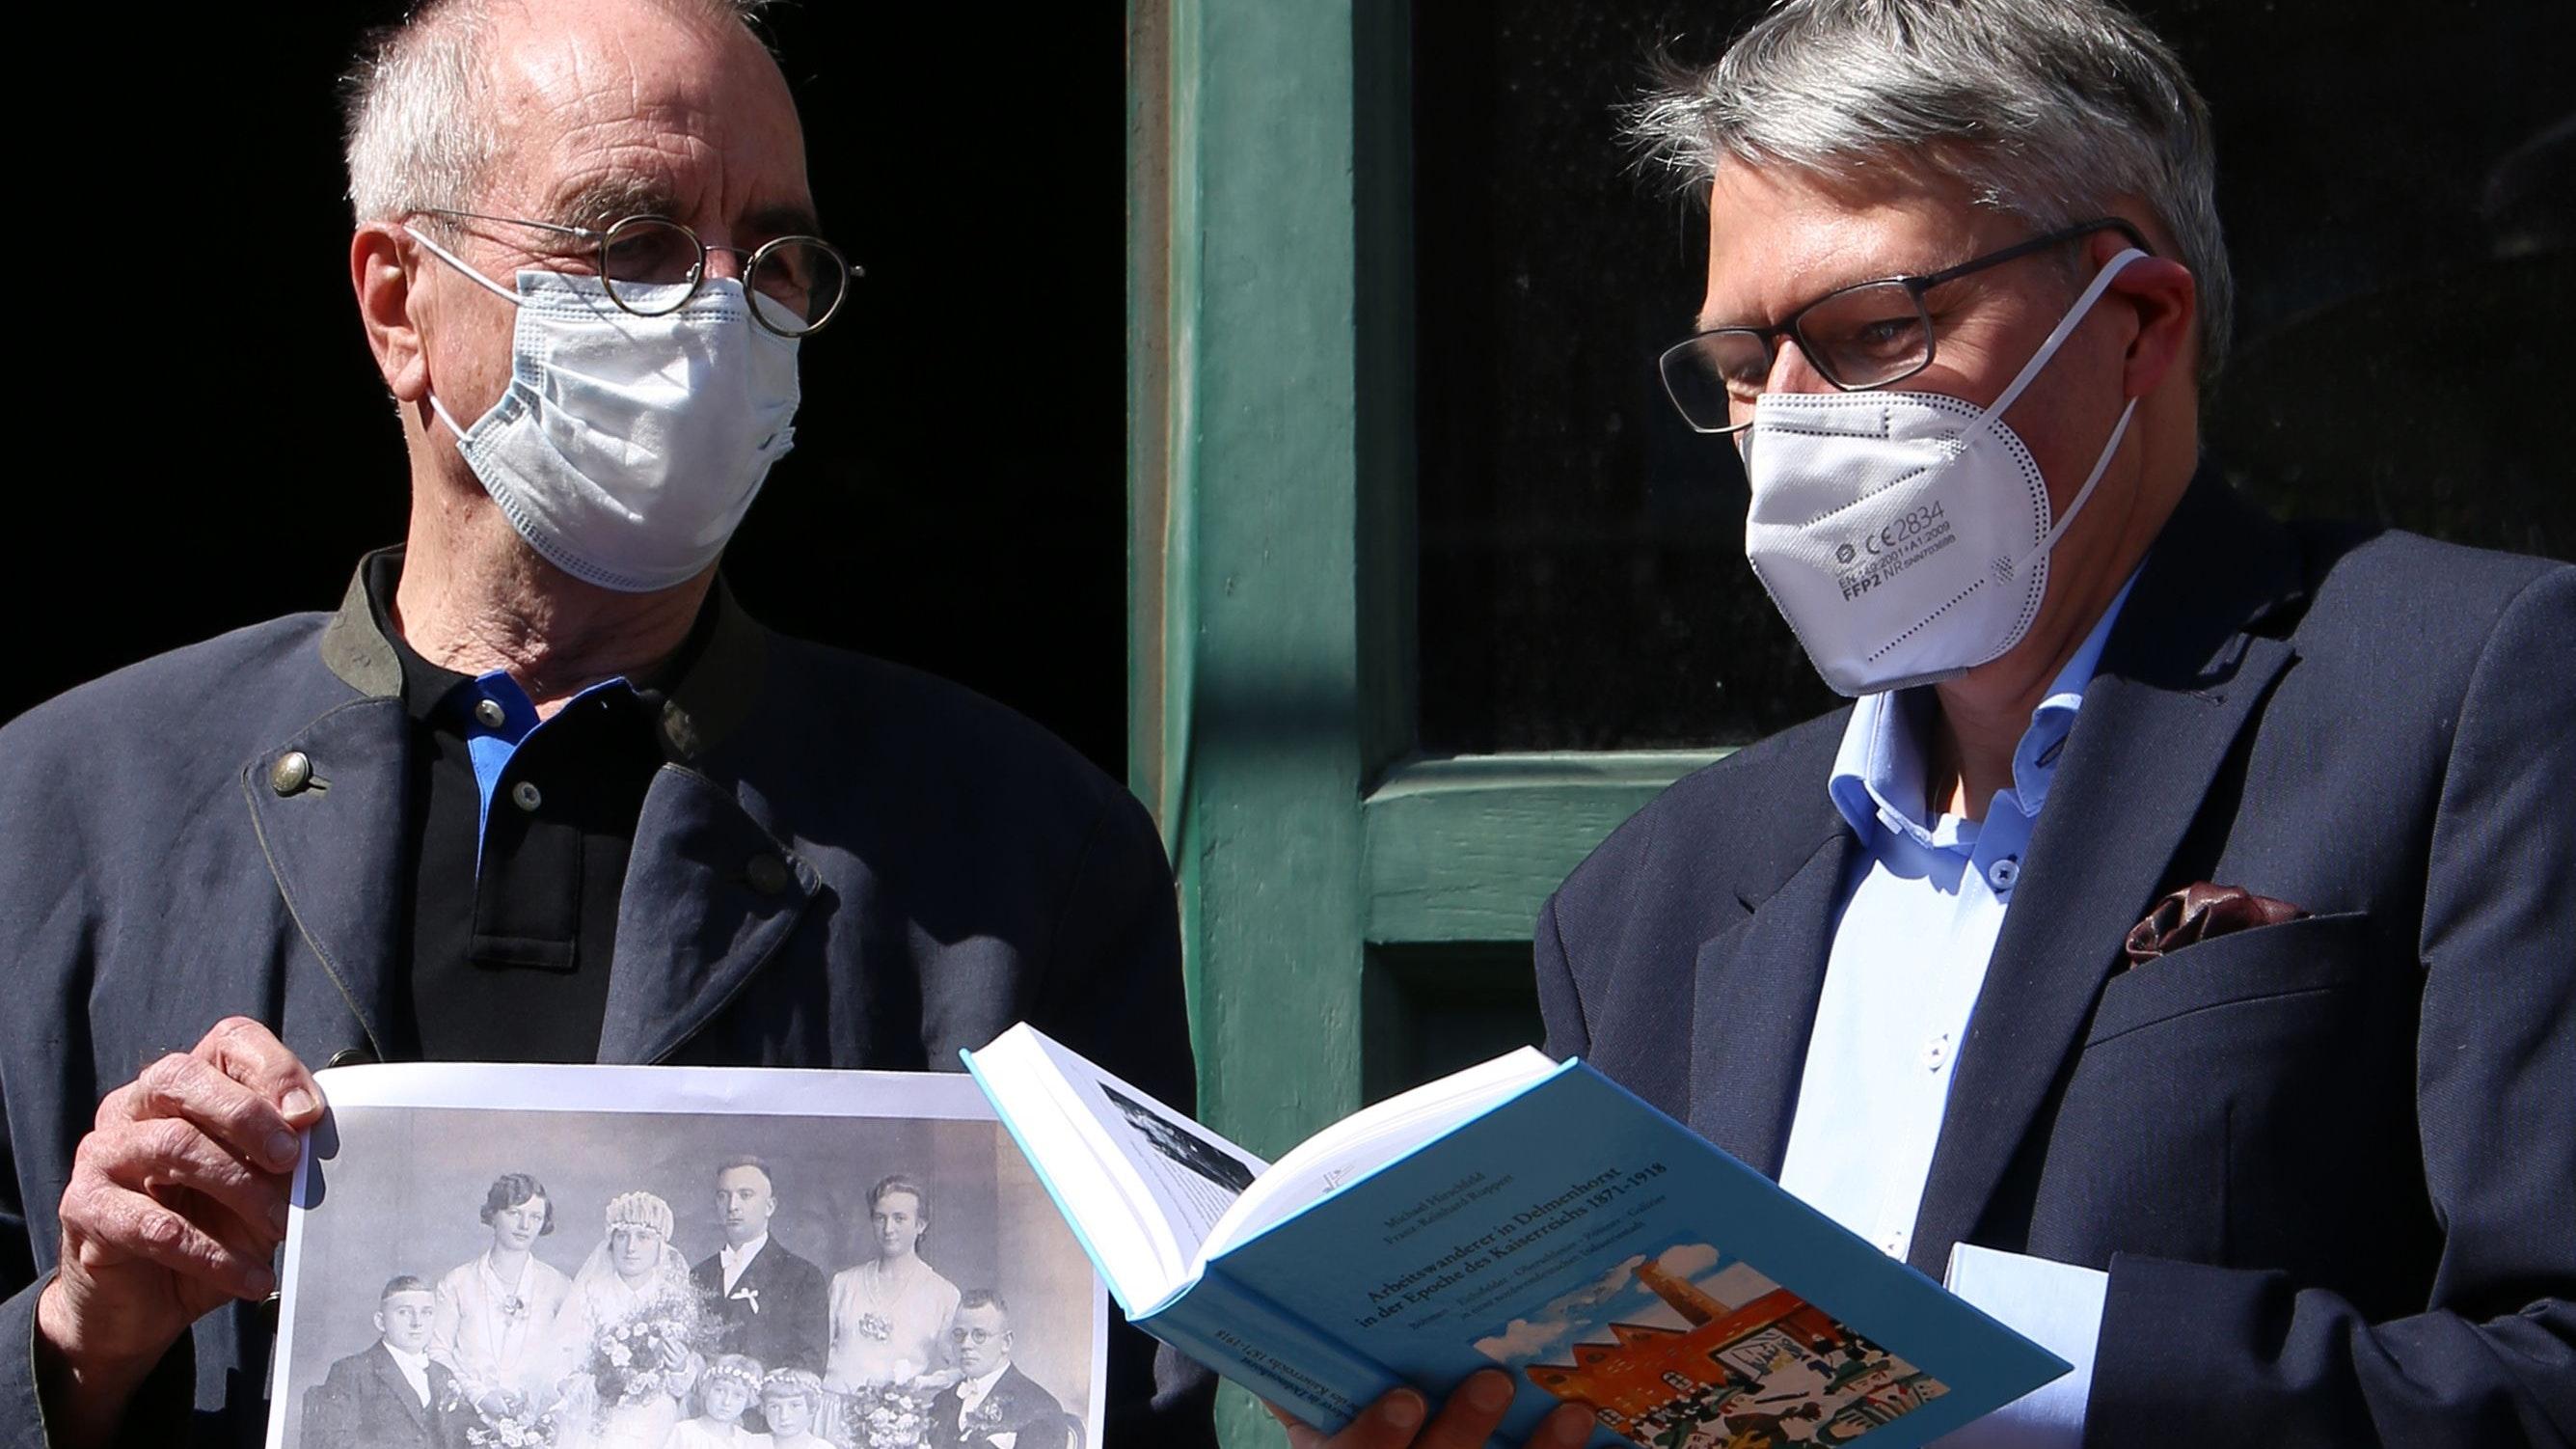 Präsentation vor dem Nordwolle-Museum: Professor Dr. Michael Hirschfeld und Dr. Franz-Reinhard Ruppert (links) stellen ihr neues Buch vor und verweisen anhand eines Fotos sogar darauf, dass sie – entfernt – verwandtschaftlich verbunden sind. Foto: Kathe